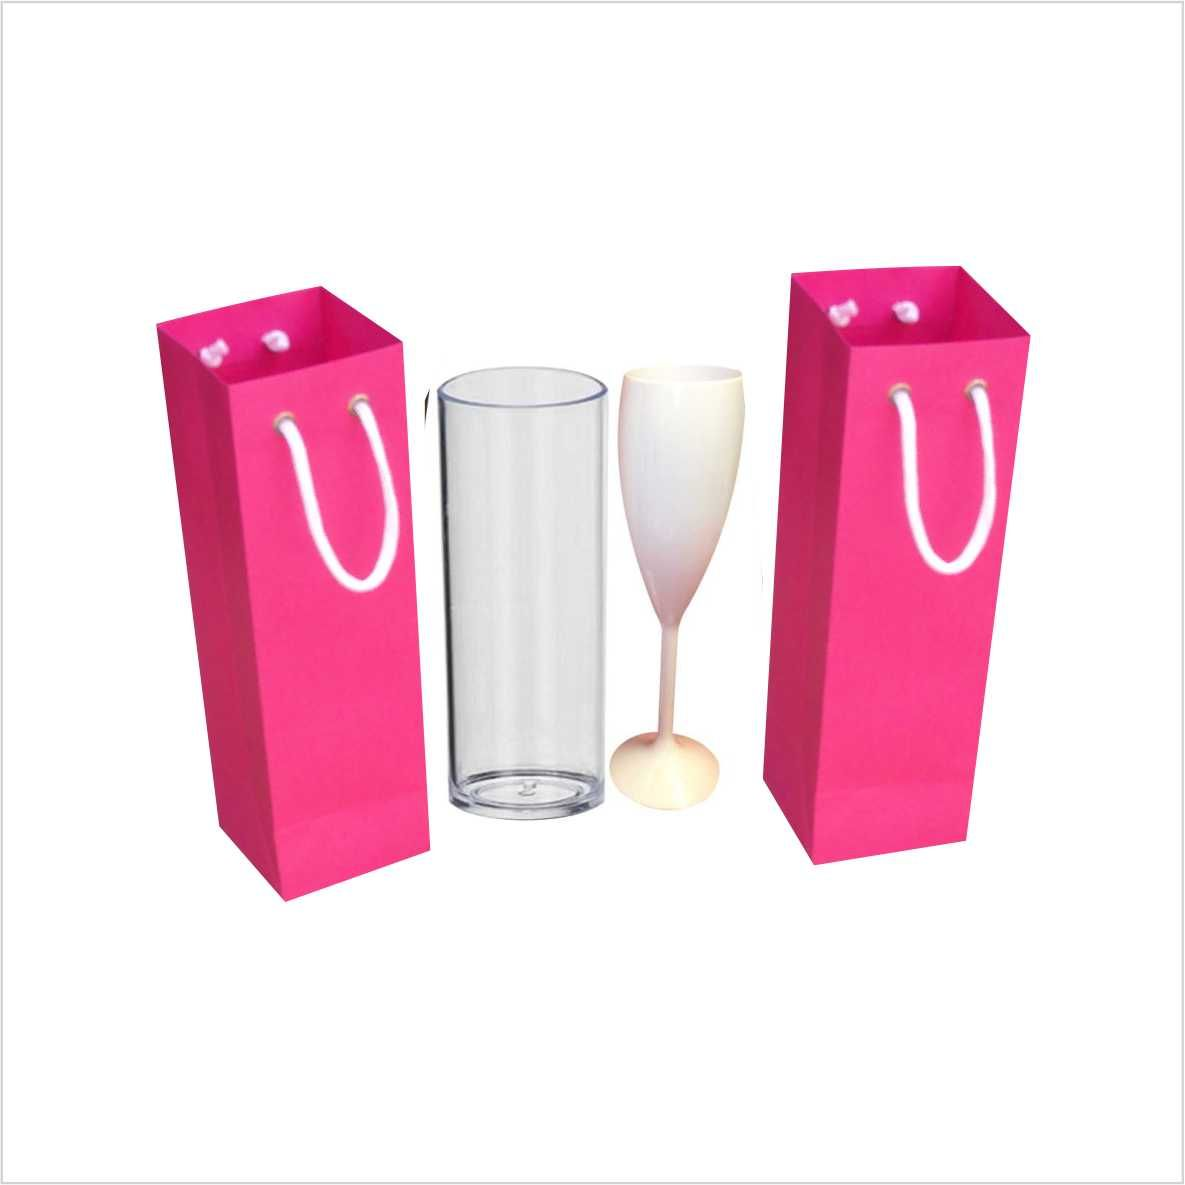 Sacola de papel cor pink para copo long drink ou taça - 10 unidades